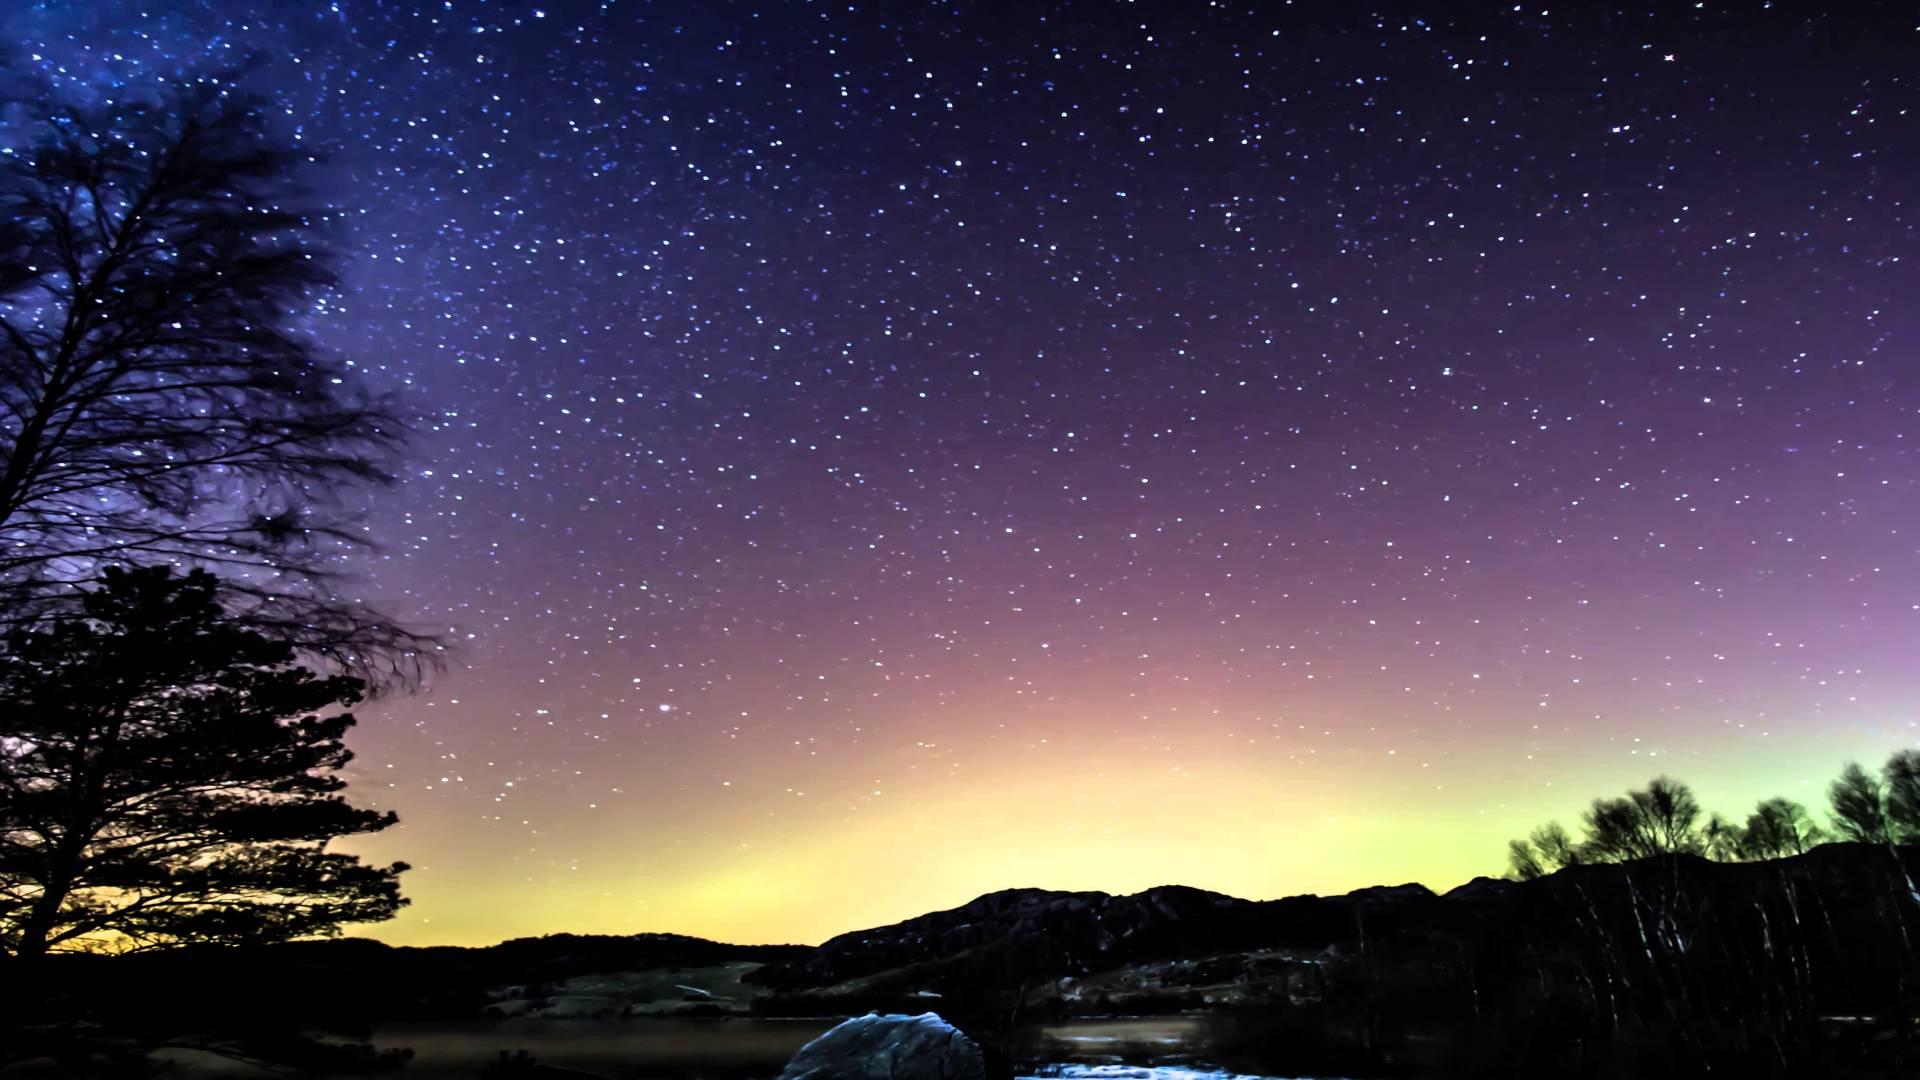 небо звезды фото для рабочего стола этот быстро